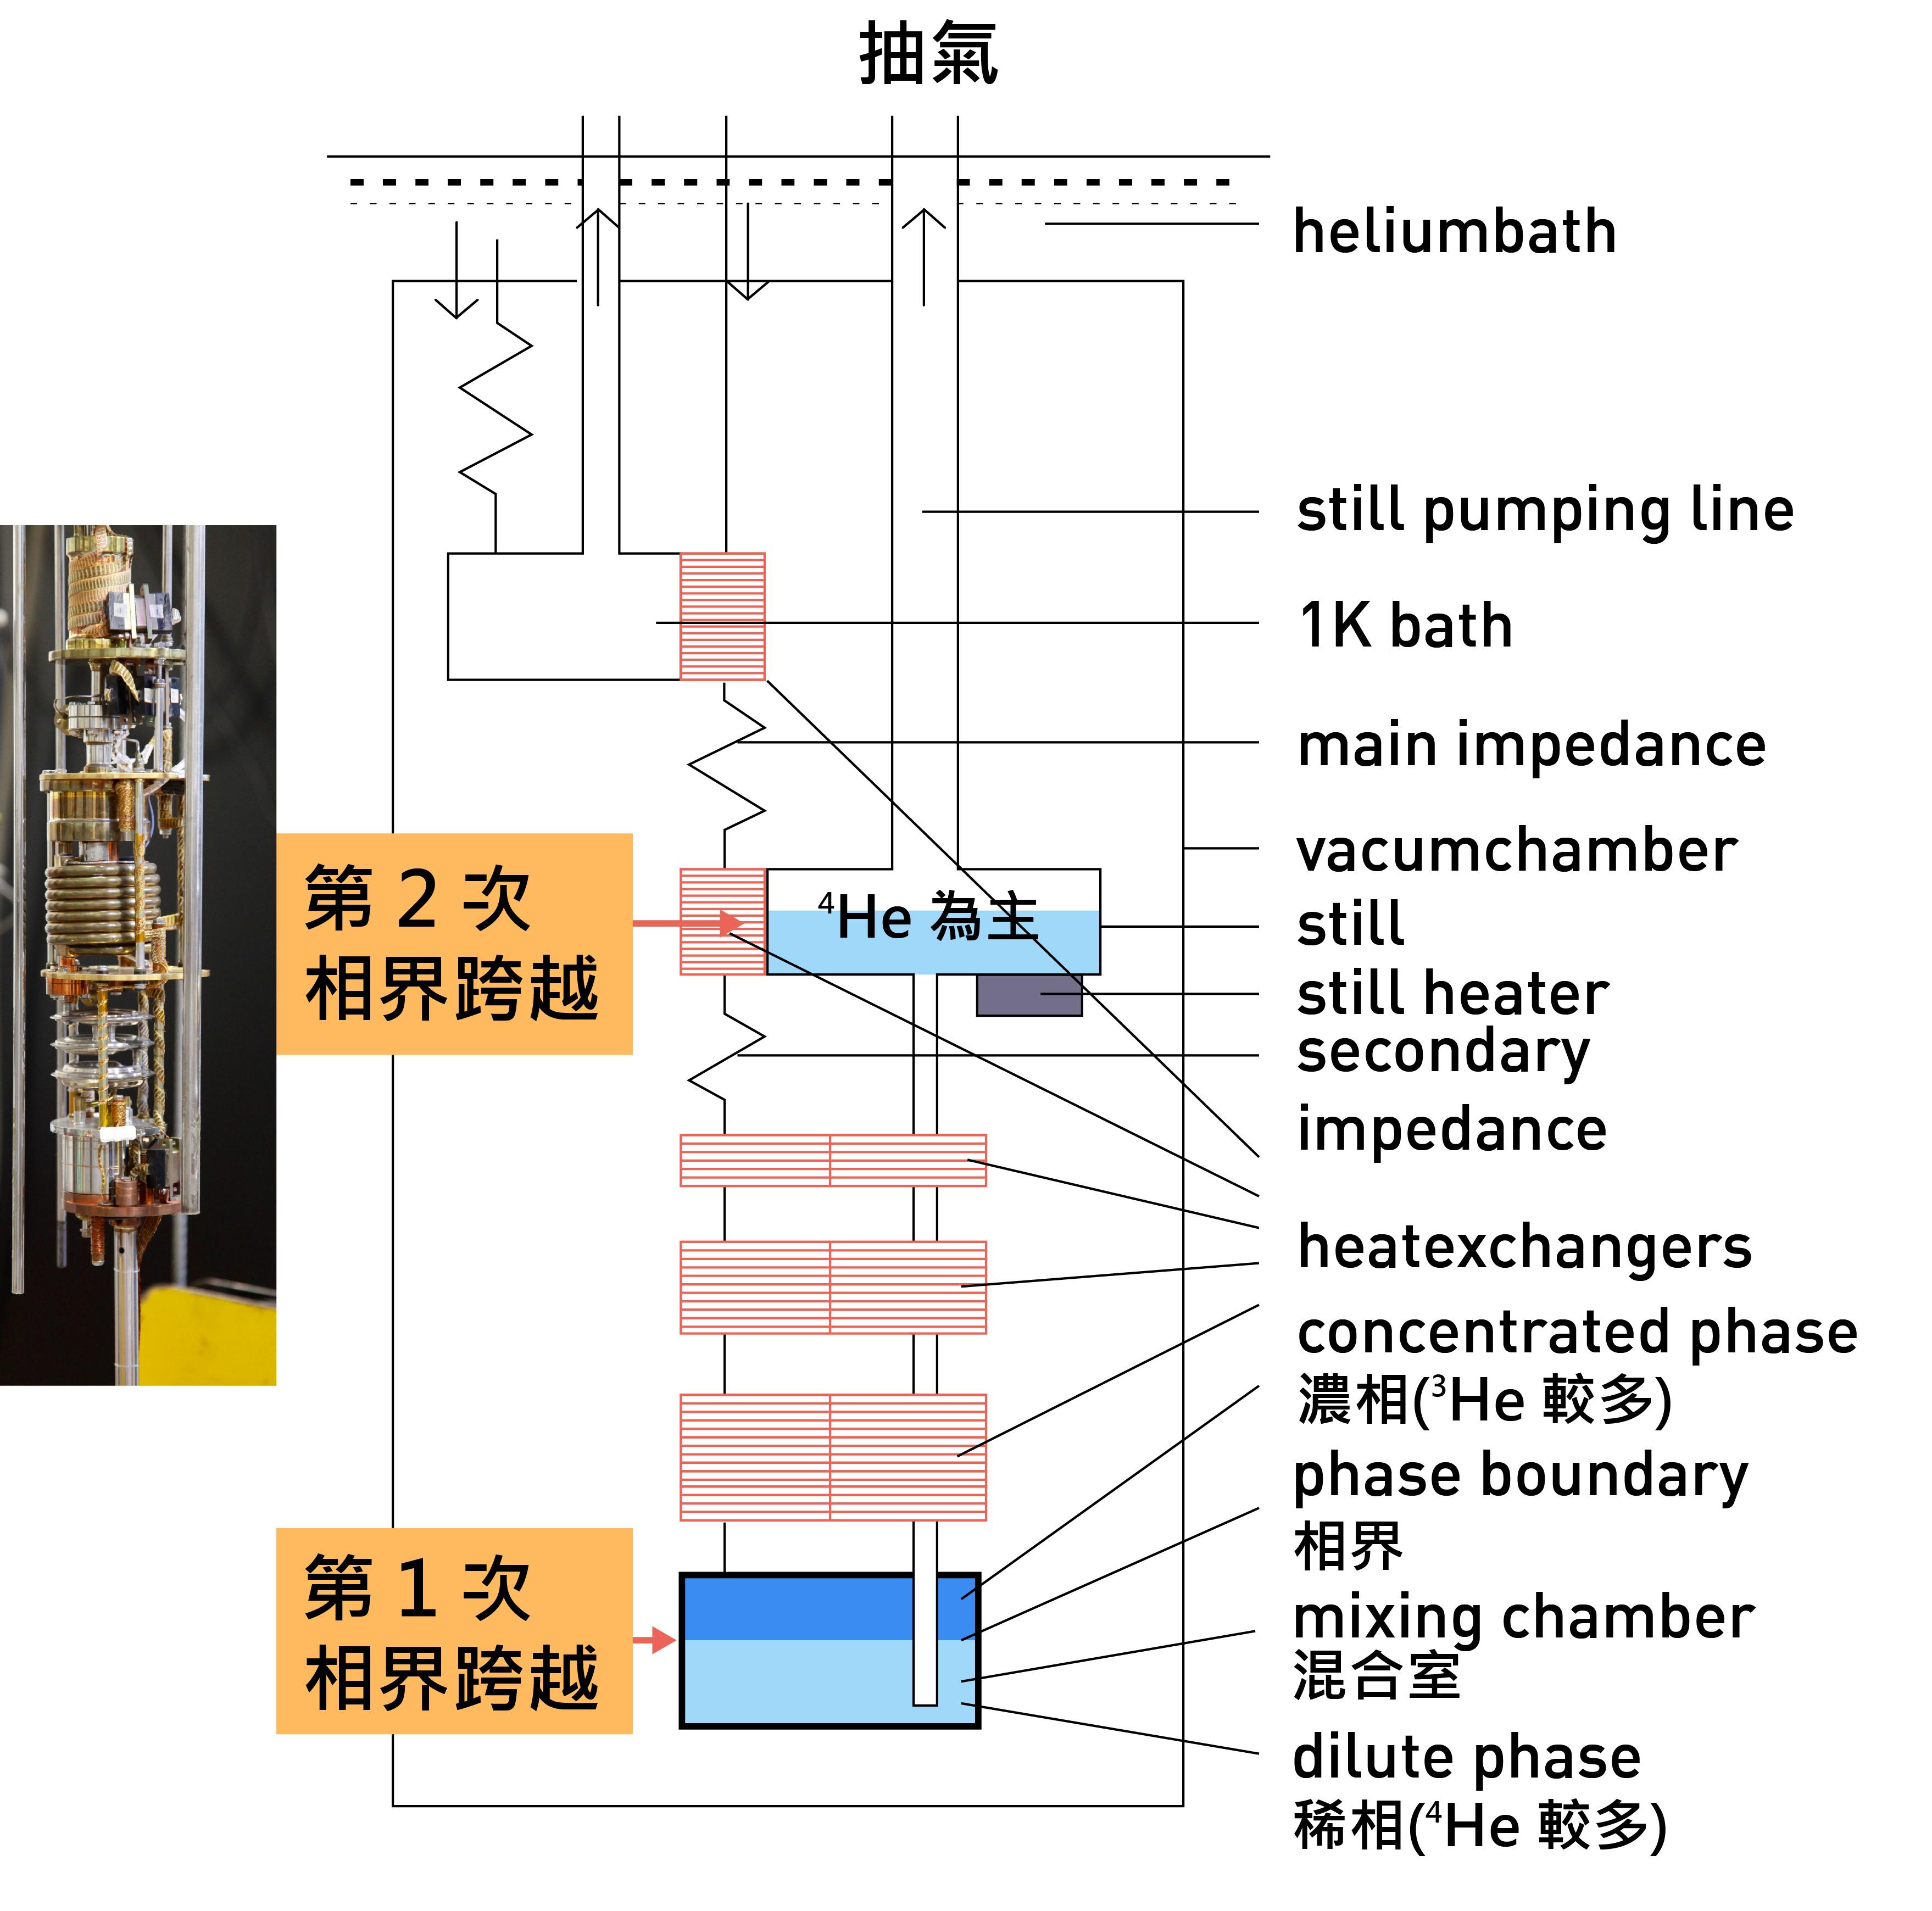 稀冷機的裝置示意圖:(1) mixing chamber 中有兩個不同 3HE 和 4HE 組成的液態相。(2) 當對 still 抽氣時,mixing chamber 中濃相區(深藍色區塊)的 3HE 會被抽走,下層中稀相區(淺藍色區塊)中的 3HE 會穿越過兩相間的界面,補充上層濃相區被抽走的 3HE,此種類似蒸發的作用會帶走熱量。(3) 3HE 再穿越至 still 區蒸發、將熱量帶走,而能降低溫度。 圖│研之有物、廖英凱(資料來源│陳洋元)